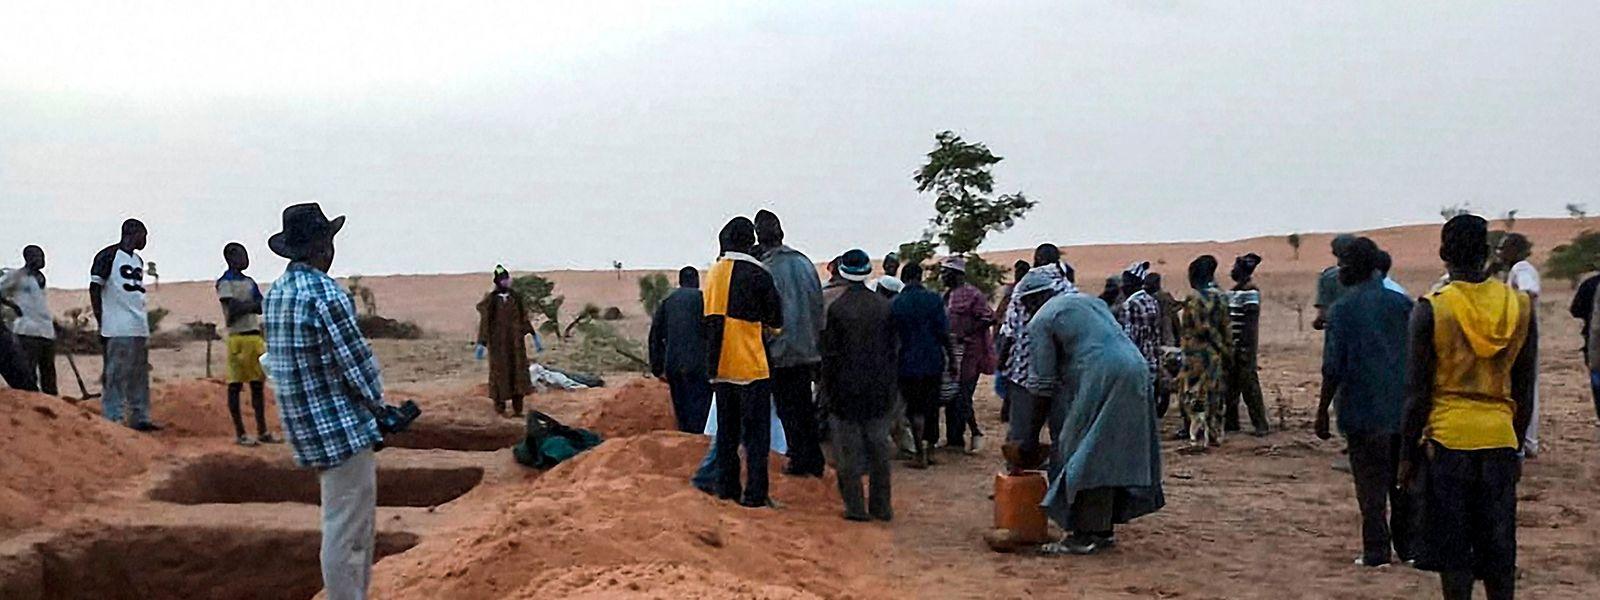 C'est dans la nuit du 9 au 10 juin dernier que les tensions communautaires ont connu un moment culminant, suite à des atrocités sur base de querelles inter-communautaires qui selon le président malien Boubacar Keïta pourraient mettre à mal la stabilité du pays tout entier.